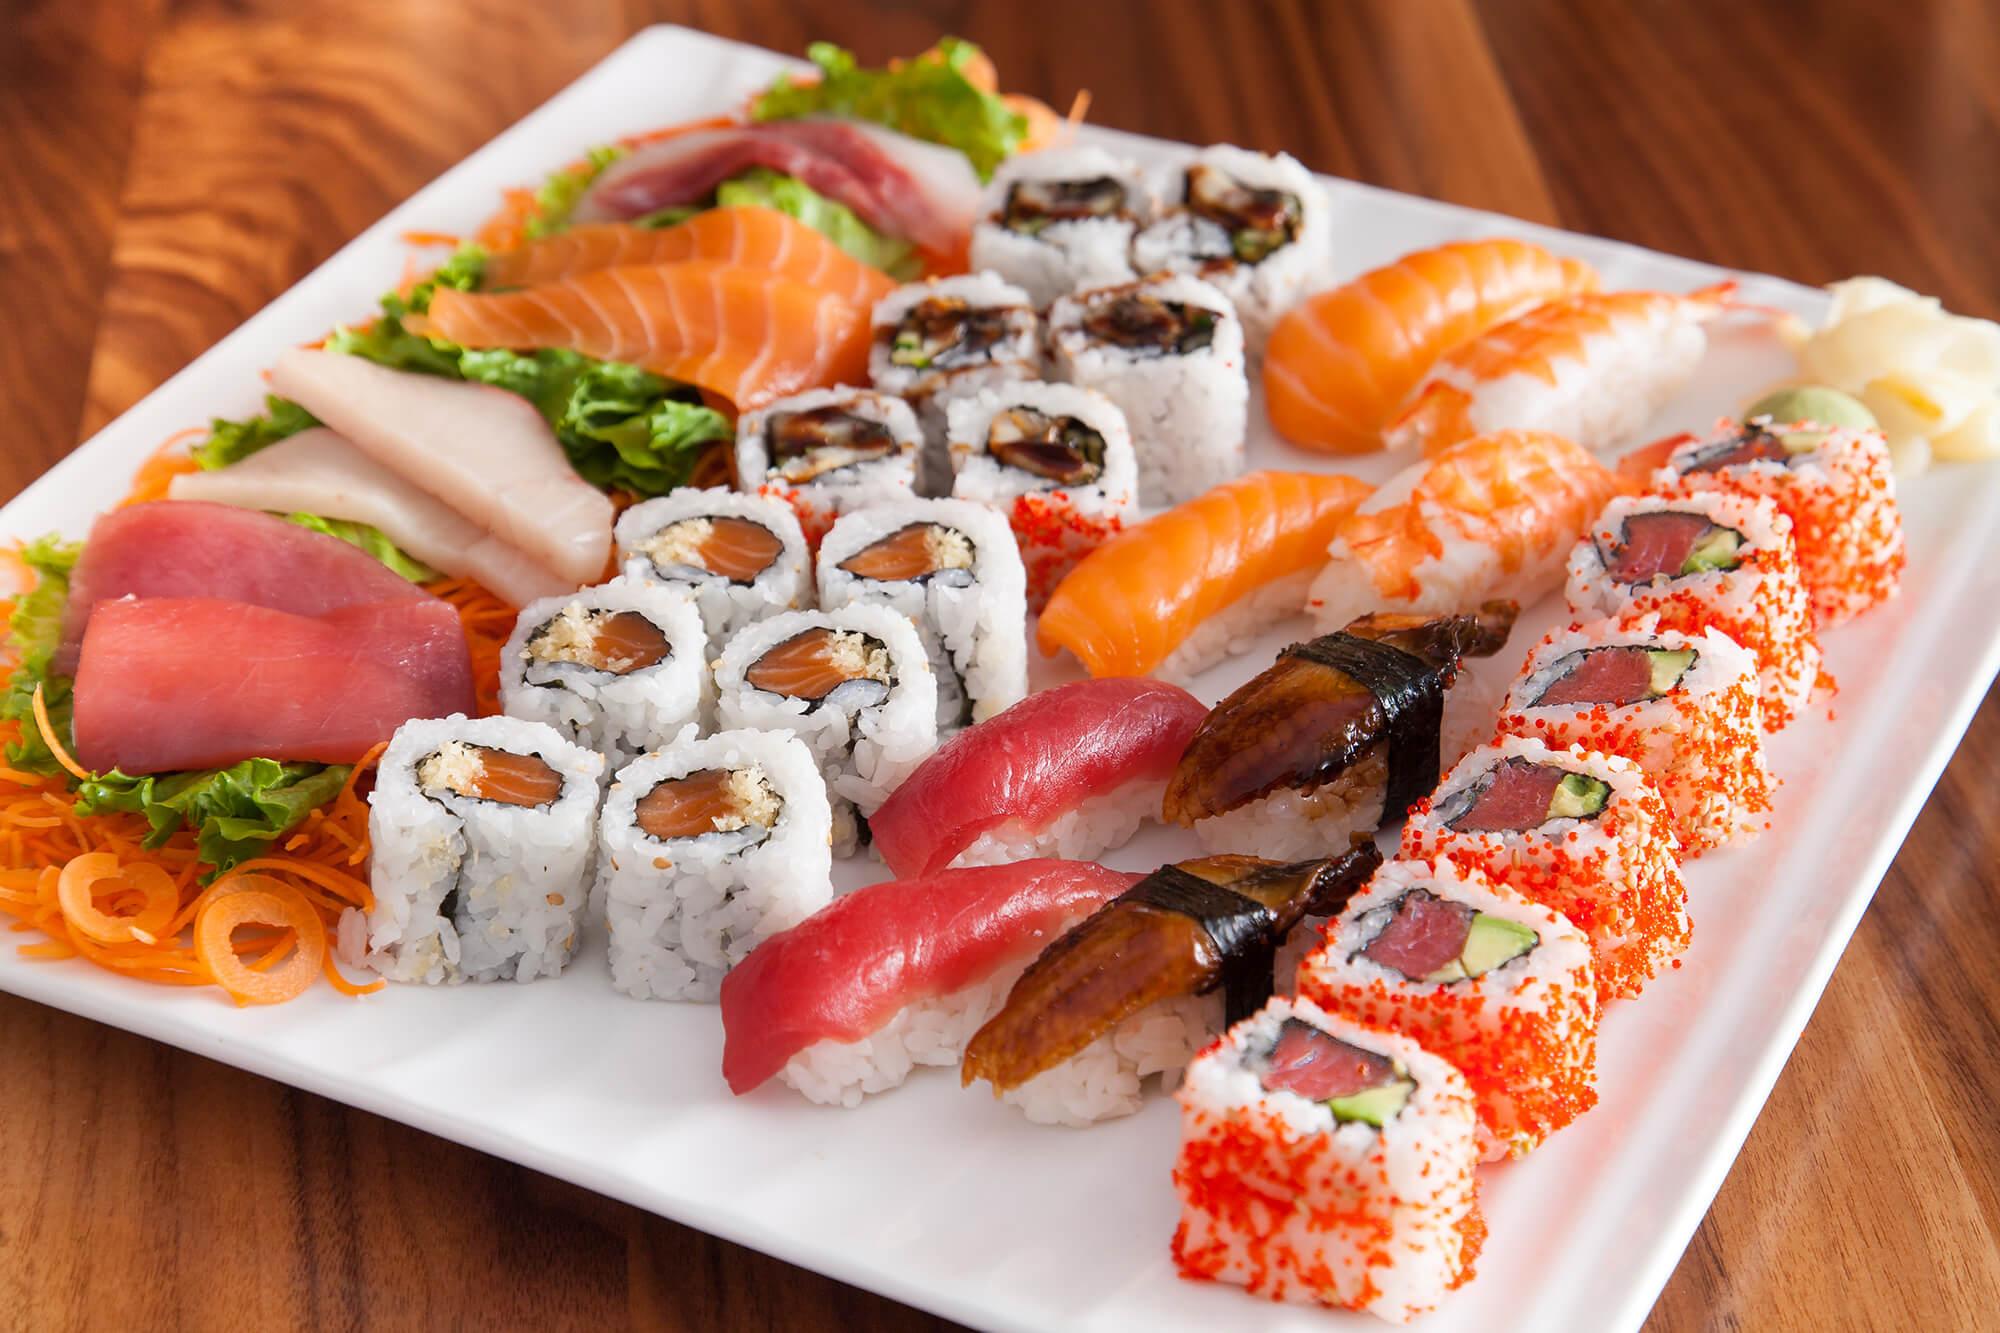 Հում ձուկ կուտե՞ս: Ի՞նչ է սուշին